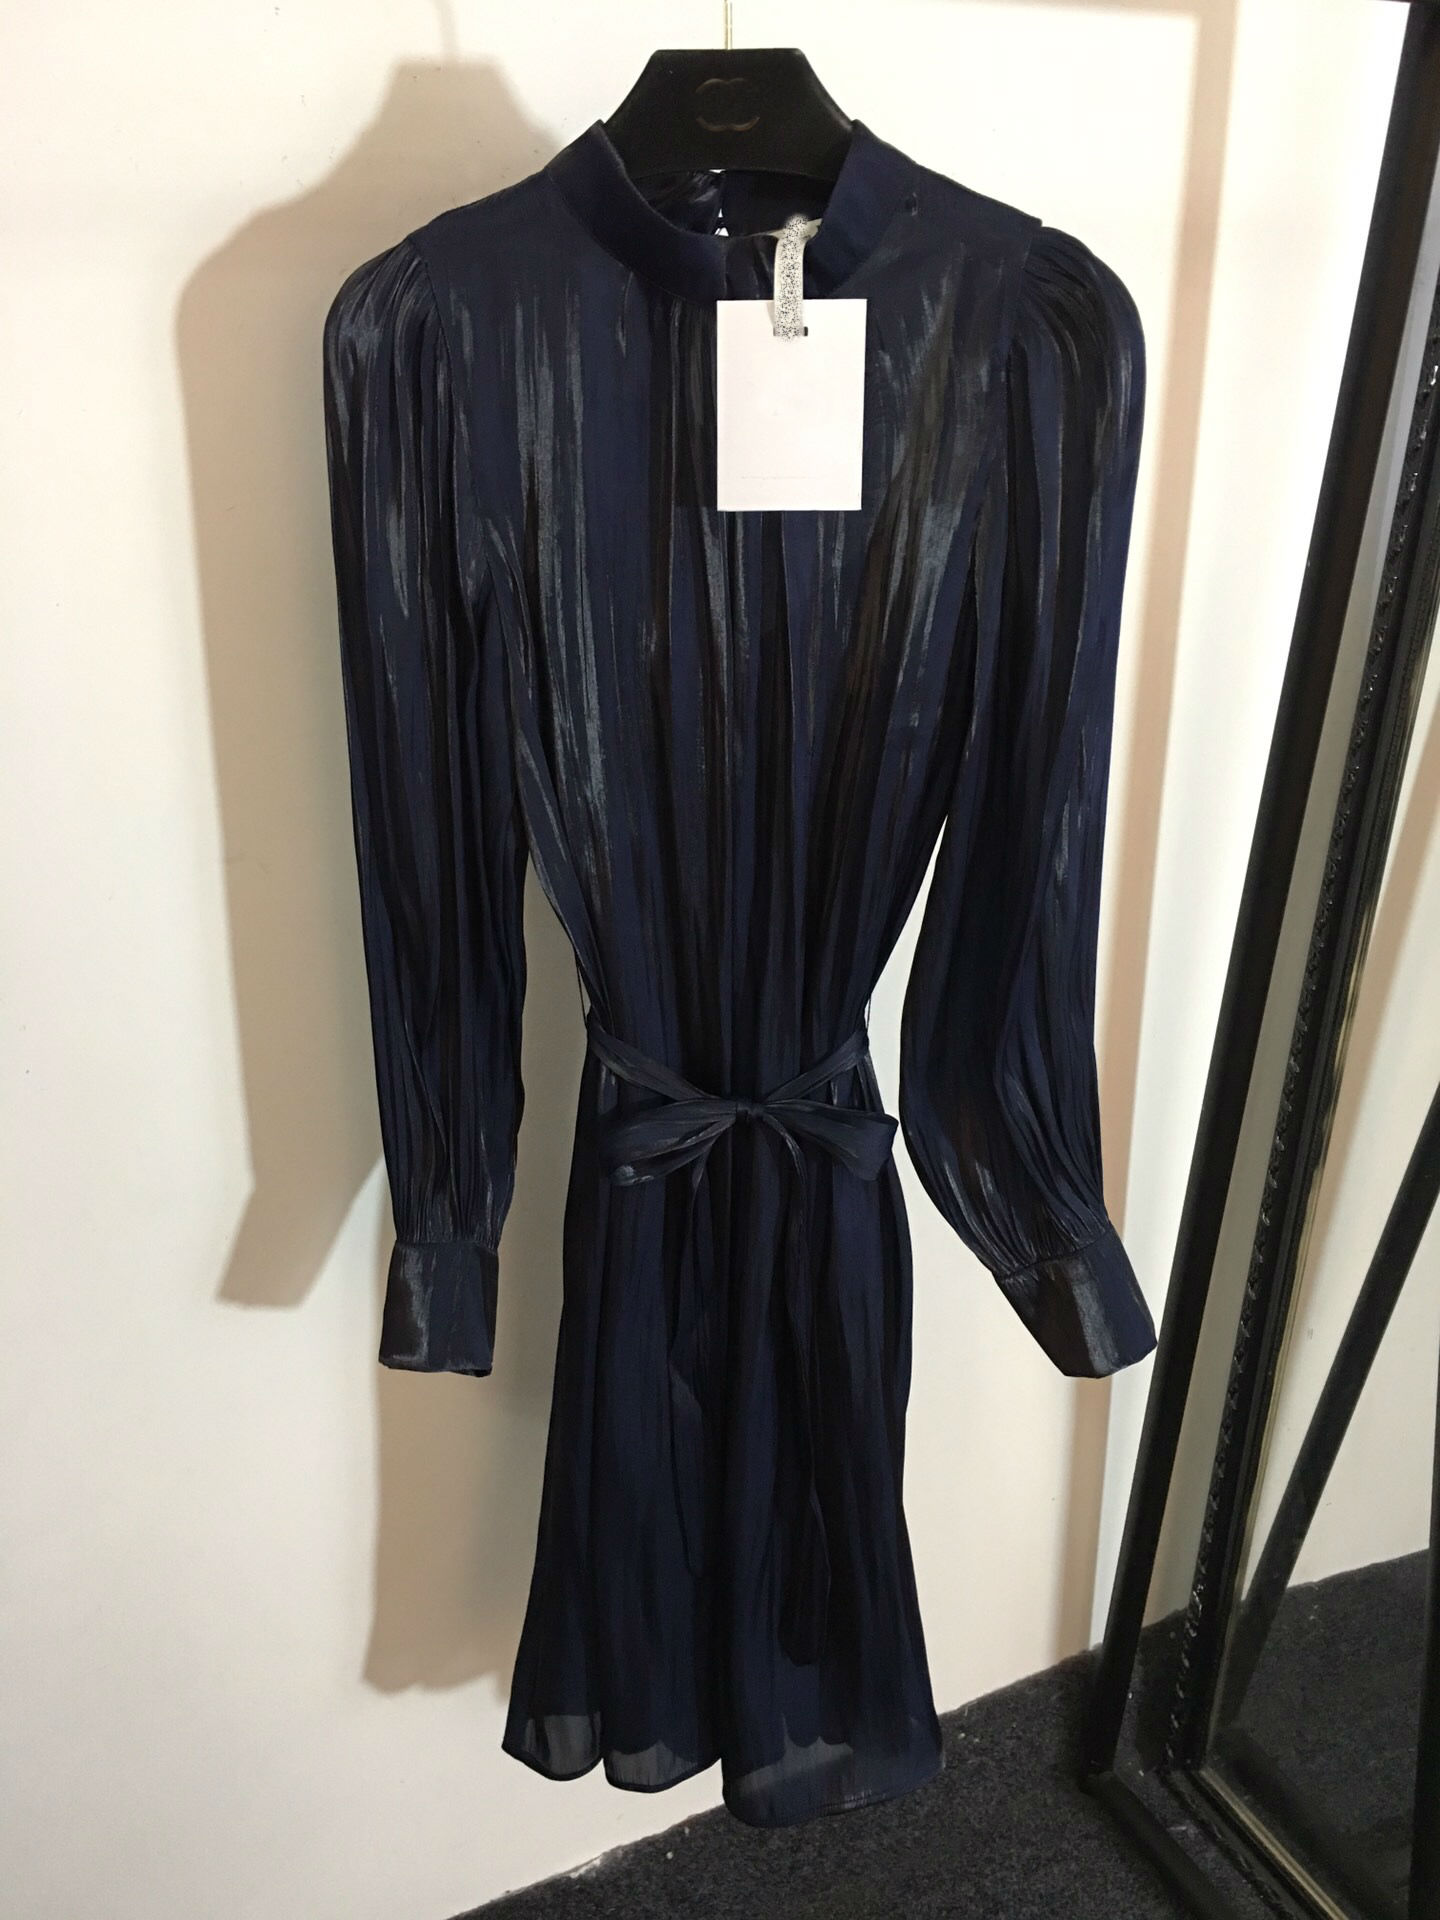 Tailles Manches 2019 Pour Vêtements 3 Nouvelle Longues Grattée Printemps pink Blue Couleur Minceur Femmes Robes 2 Matière À UU7wqIg